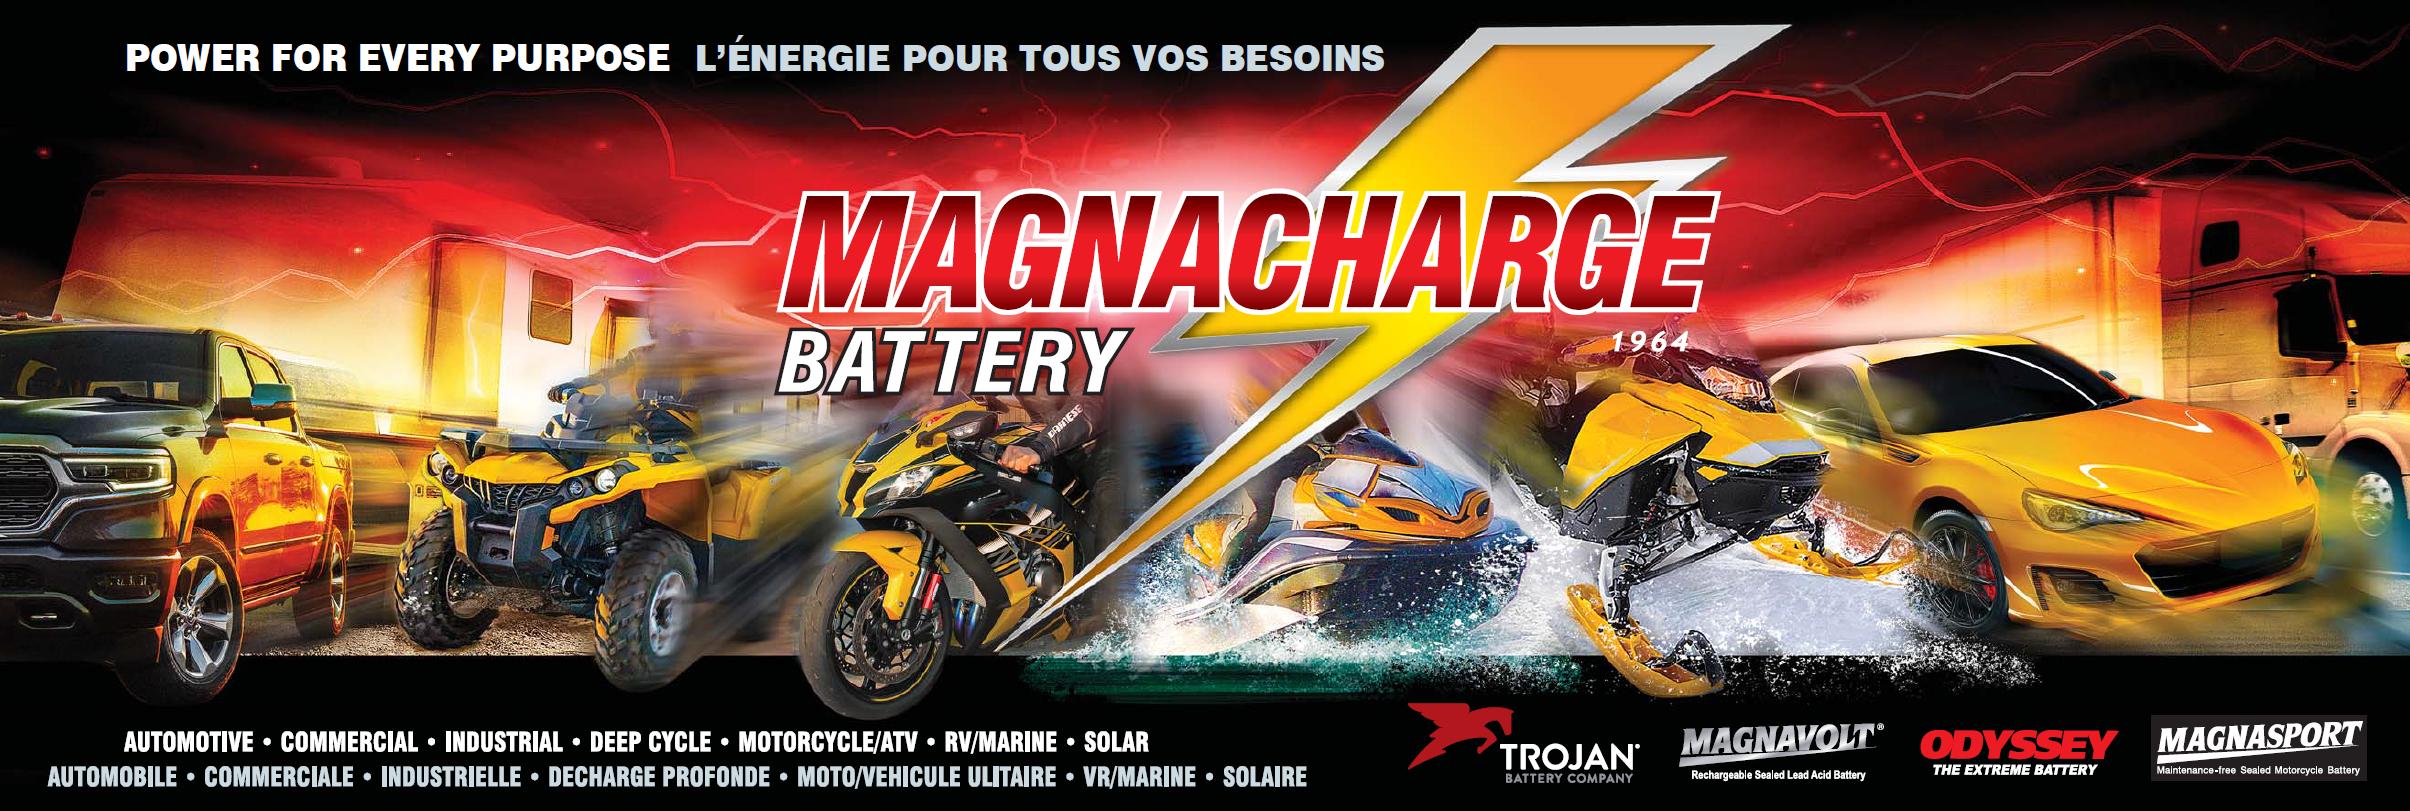 Magnacharge_Display Headers